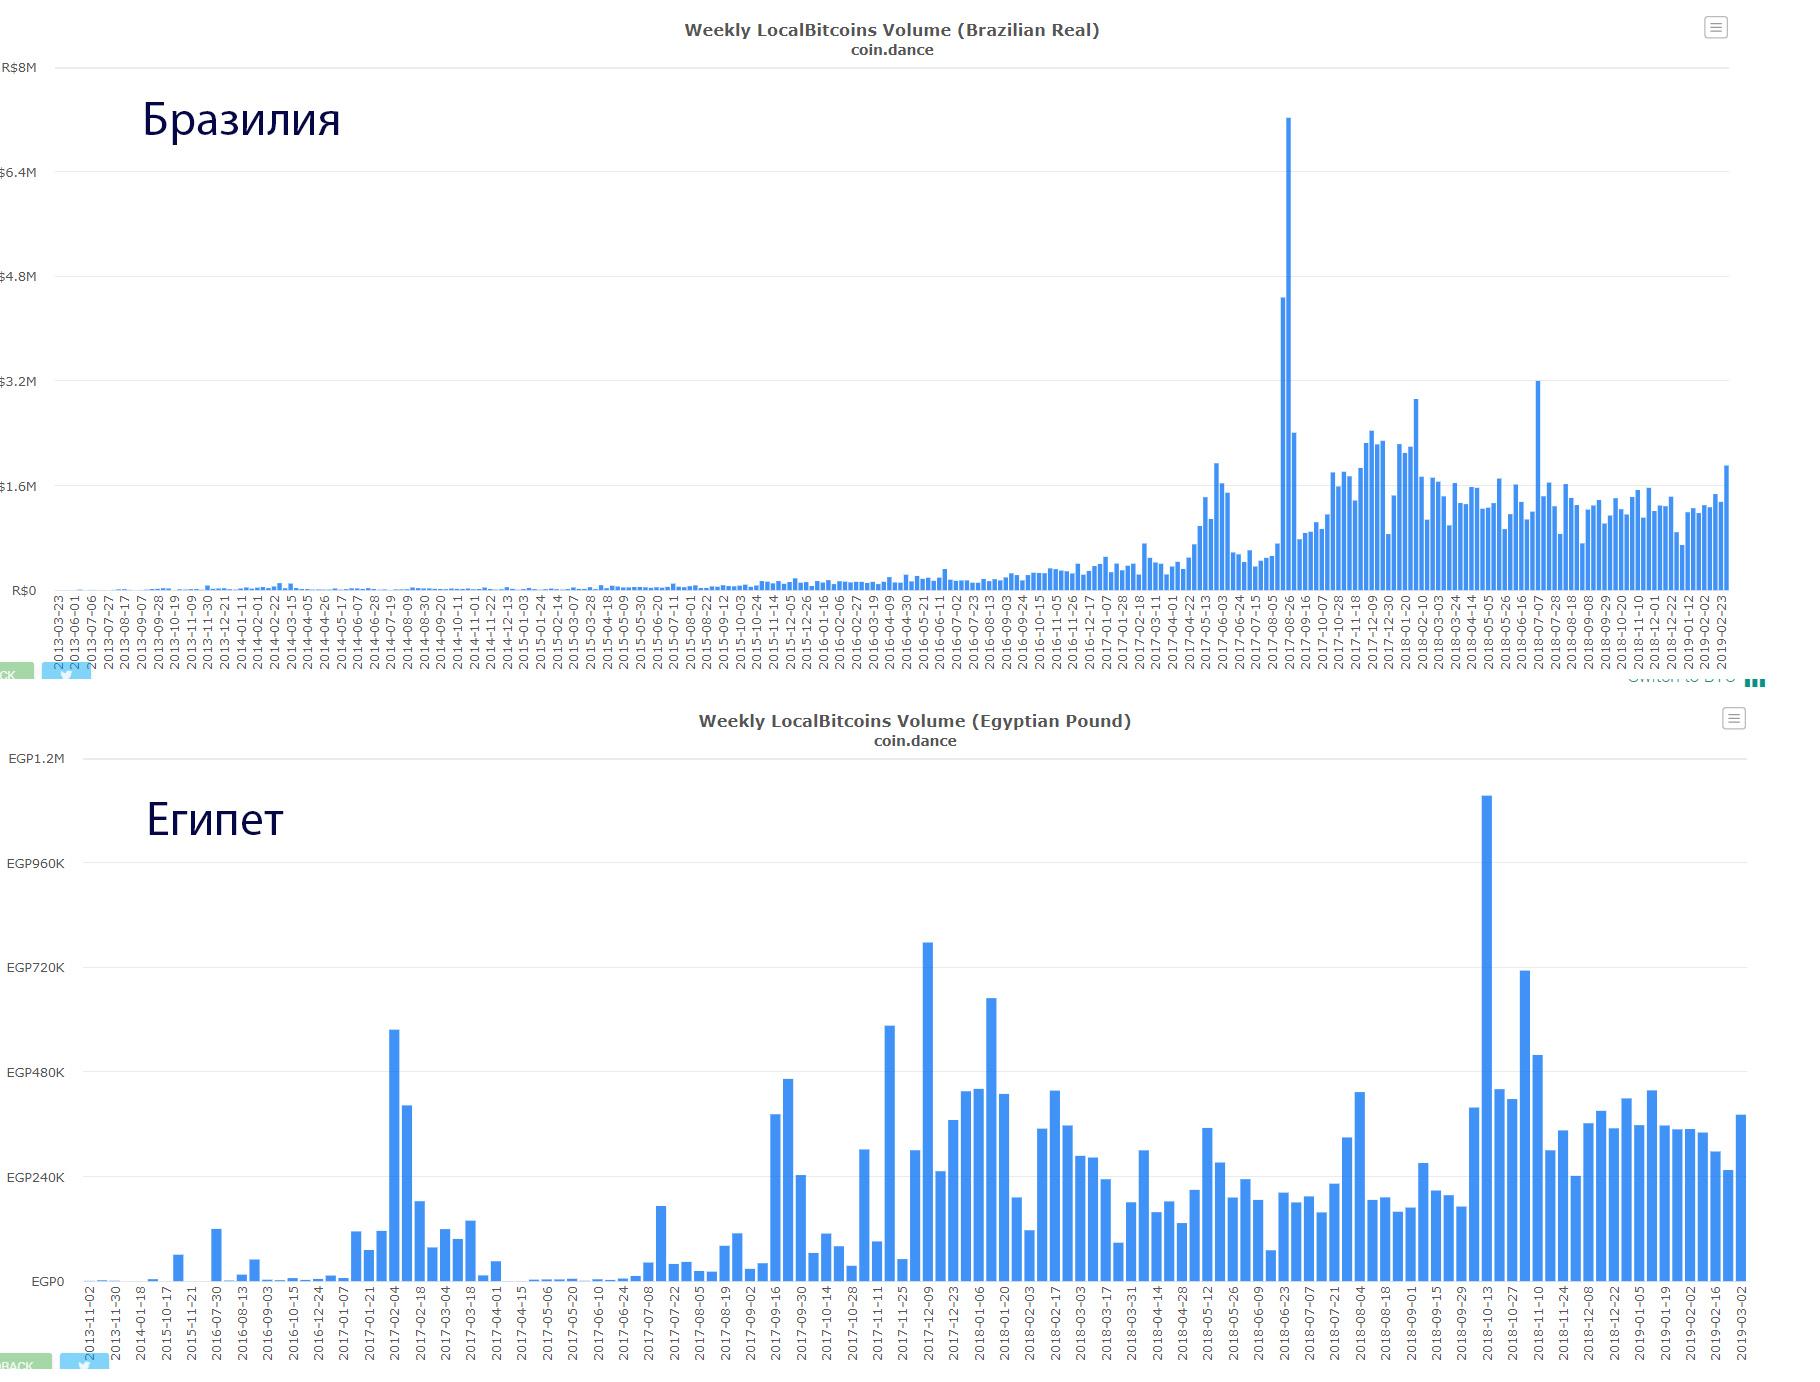 В Венесуэле зафиксирован новый рекорд спроса на bitcoin